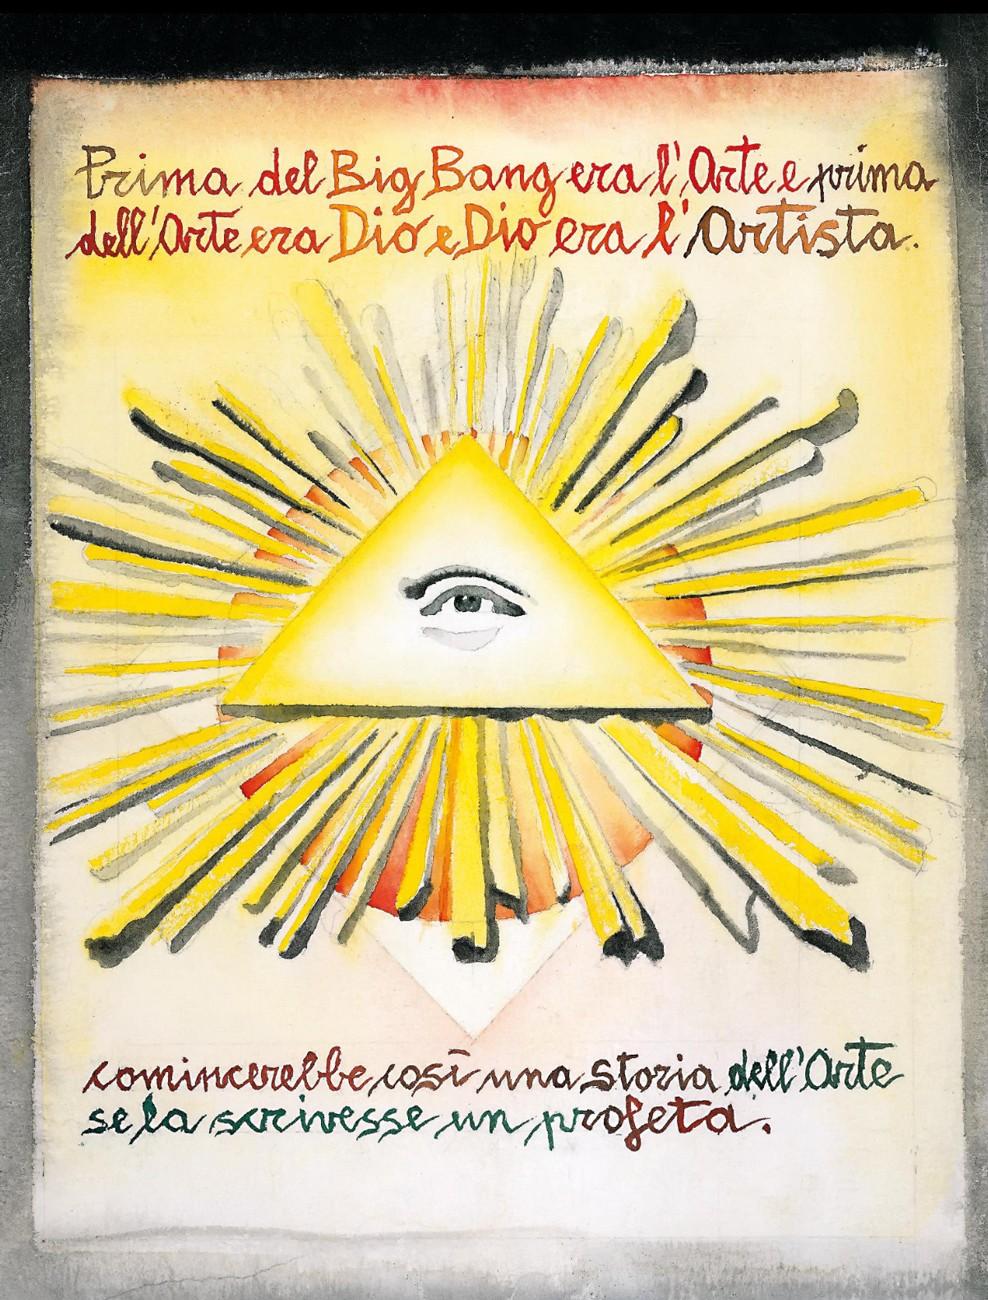 La pagina con cui si apre La storia dipinta dell'arte di Marcello Jori